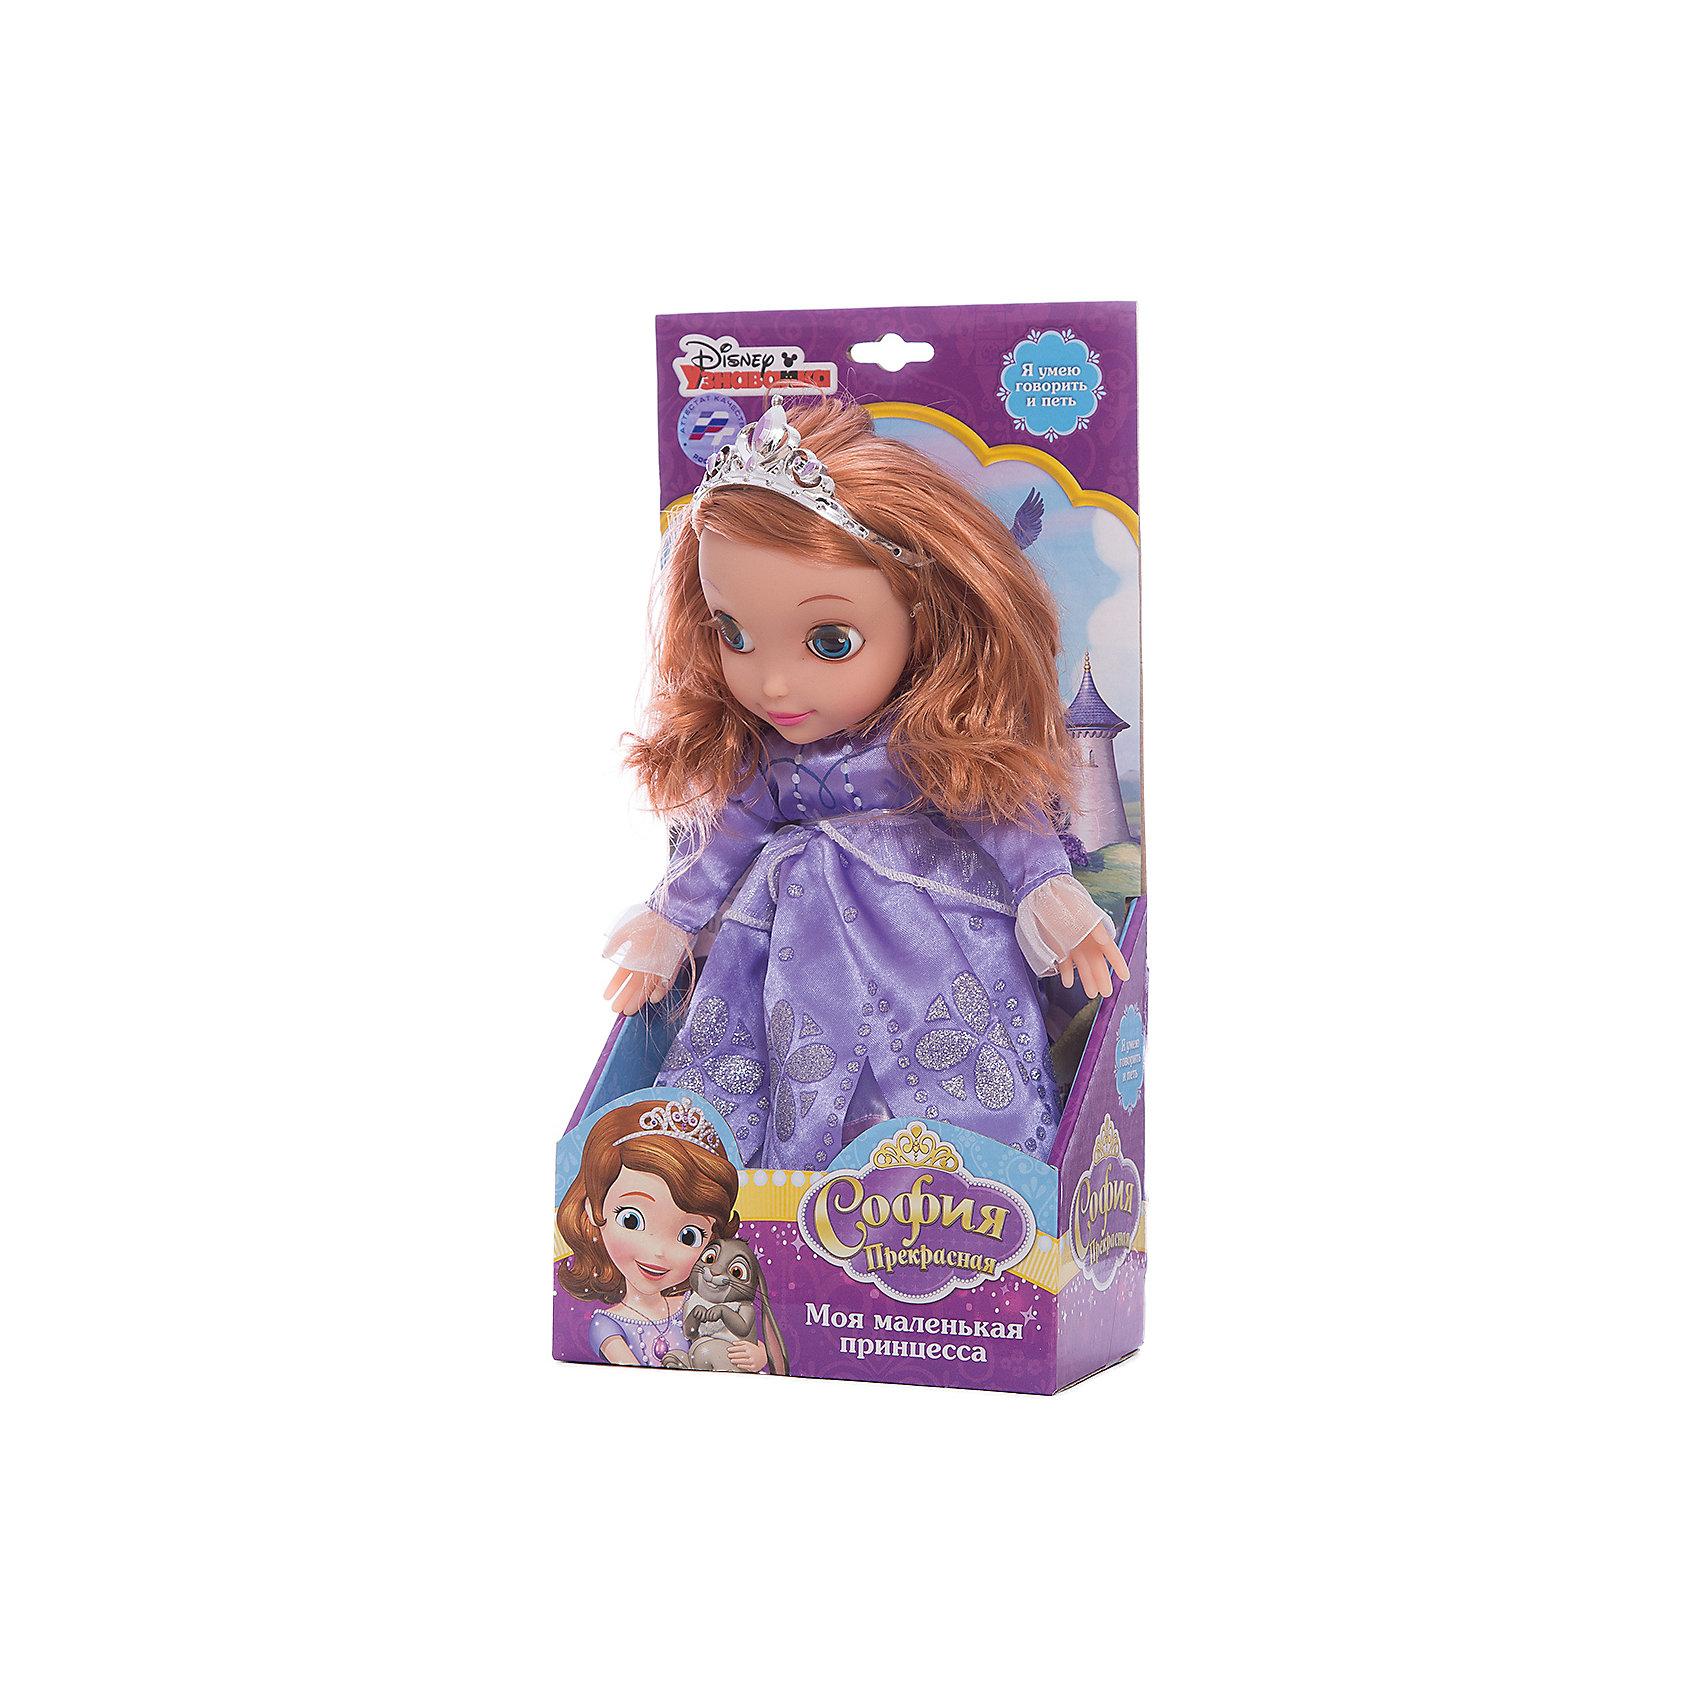 Кукла Принцесса София, 30 см, со звуком, Disney Princess, МУЛЬТИ-ПУЛЬТИМягкая игрушка Принцесса София со звуком от марки МУЛЬТИ-ПУЛЬТИ<br><br>Очаровательная игрушка от отечественного производителя сделана в виде известного персонажа из мультфильма. Она поможет ребенку проводить время весело и с пользой. В игрушке есть встроенный звуковой модуль, работающий на батарейках.<br>Размер игрушки универсален - 30 сантиметров, её удобно брать с собой в поездки и на прогулку. Сделана она из качественных и безопасных для ребенка материалов, которые еще и приятны на ощупь. <br><br>Отличительные особенности  игрушки:<br><br>- материал: текстиль, пластик;<br>- звуковой модуль;<br>- волосы расчесываются;<br>- работает на батарейках;<br>- высота: 30 см.<br><br>Мягкую игрушку Принцесса София от марки МУЛЬТИ-ПУЛЬТИ можно купить в нашем магазине.<br><br>Ширина мм: 650<br>Глубина мм: 380<br>Высота мм: 750<br>Вес г: 440<br>Возраст от месяцев: 36<br>Возраст до месяцев: 84<br>Пол: Женский<br>Возраст: Детский<br>SKU: 4659505